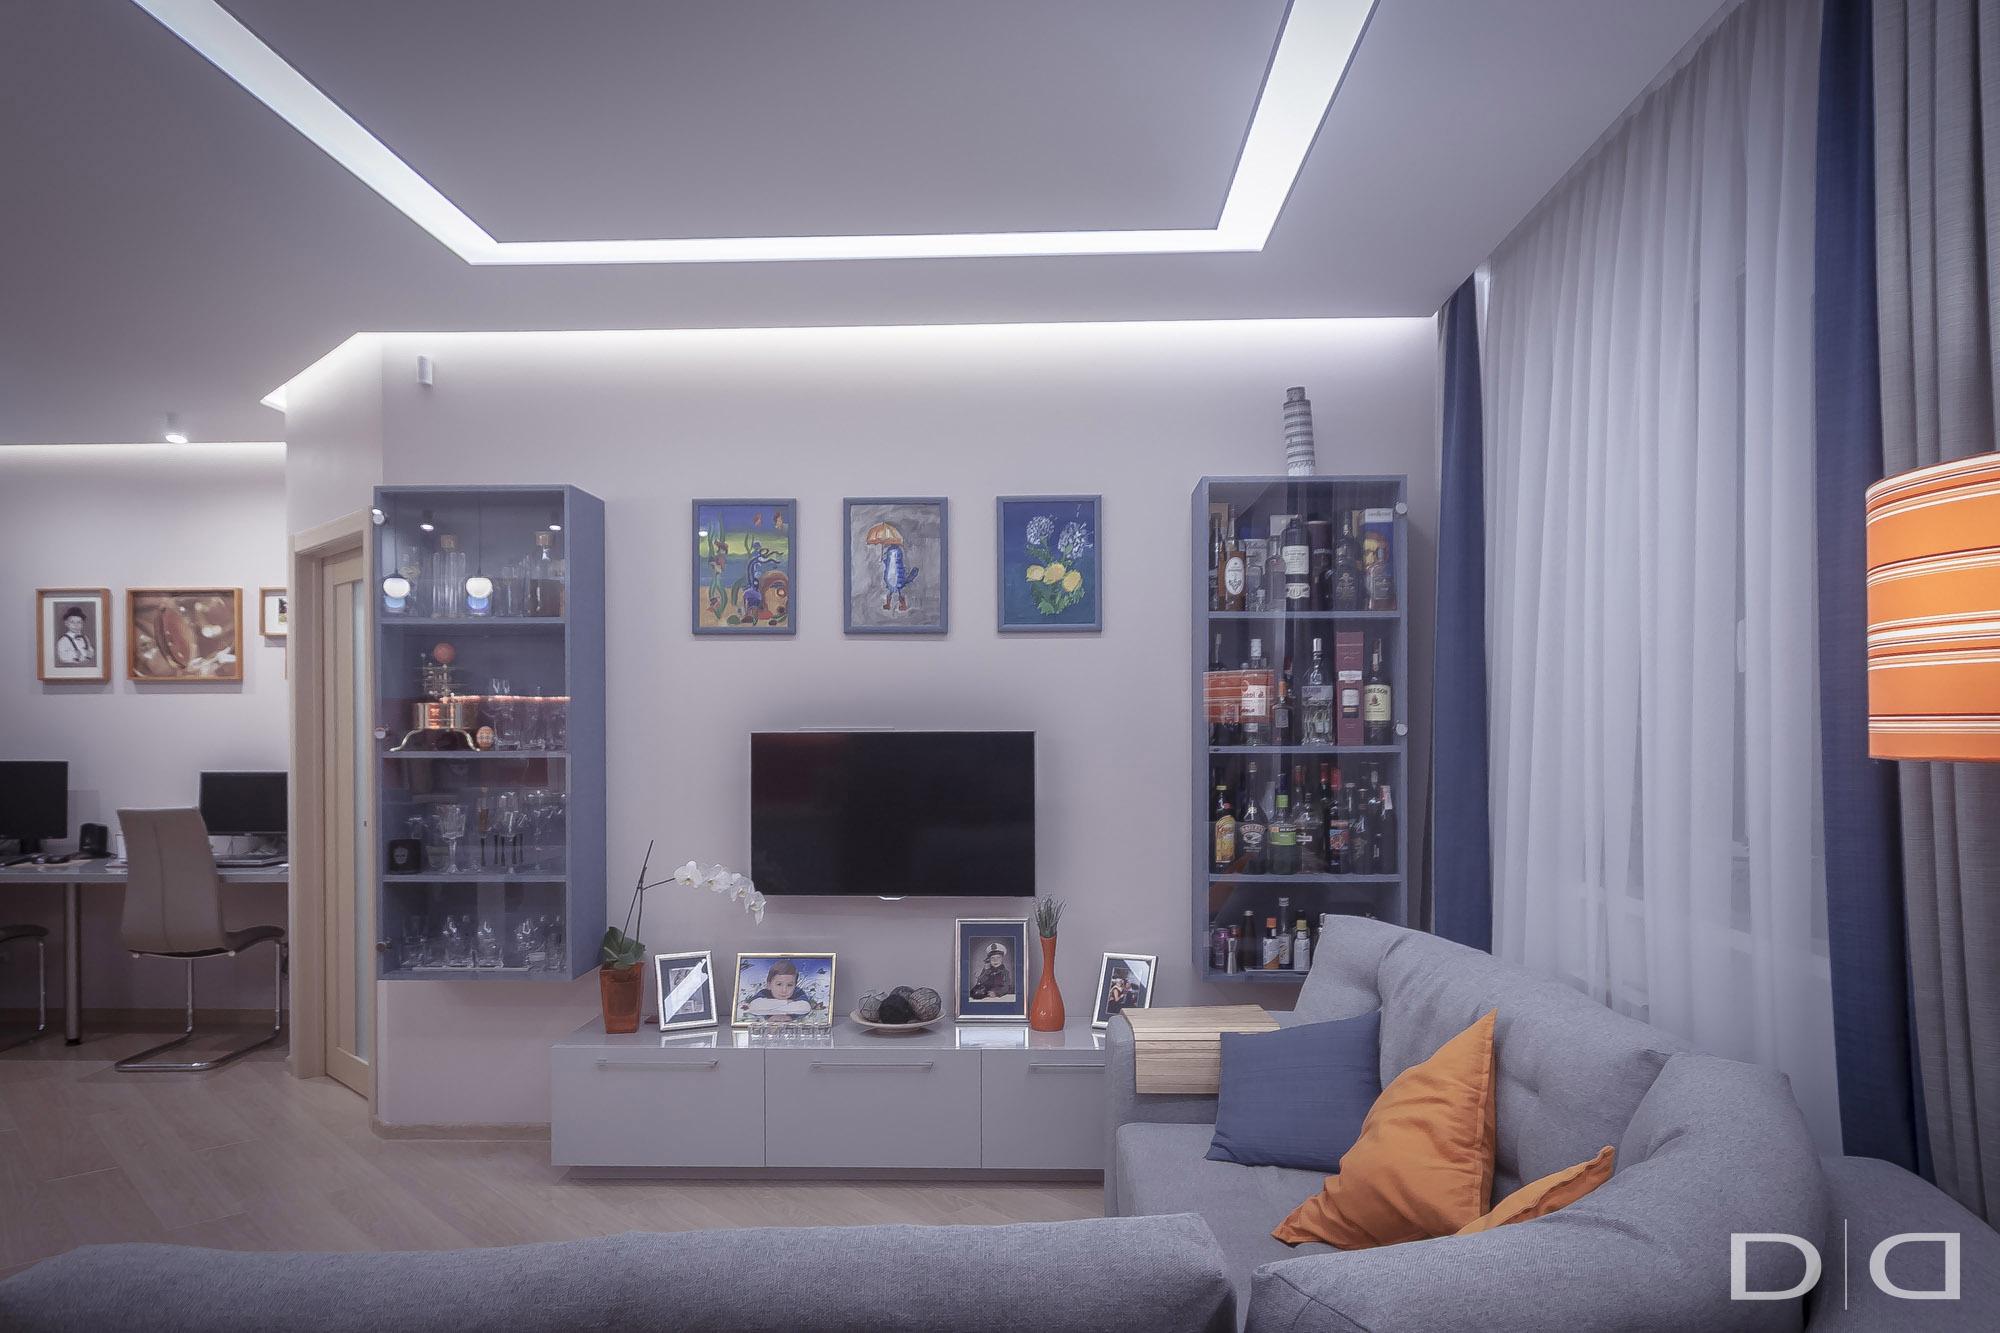 19_dd-interior_studio_design_project_minsk_009-32